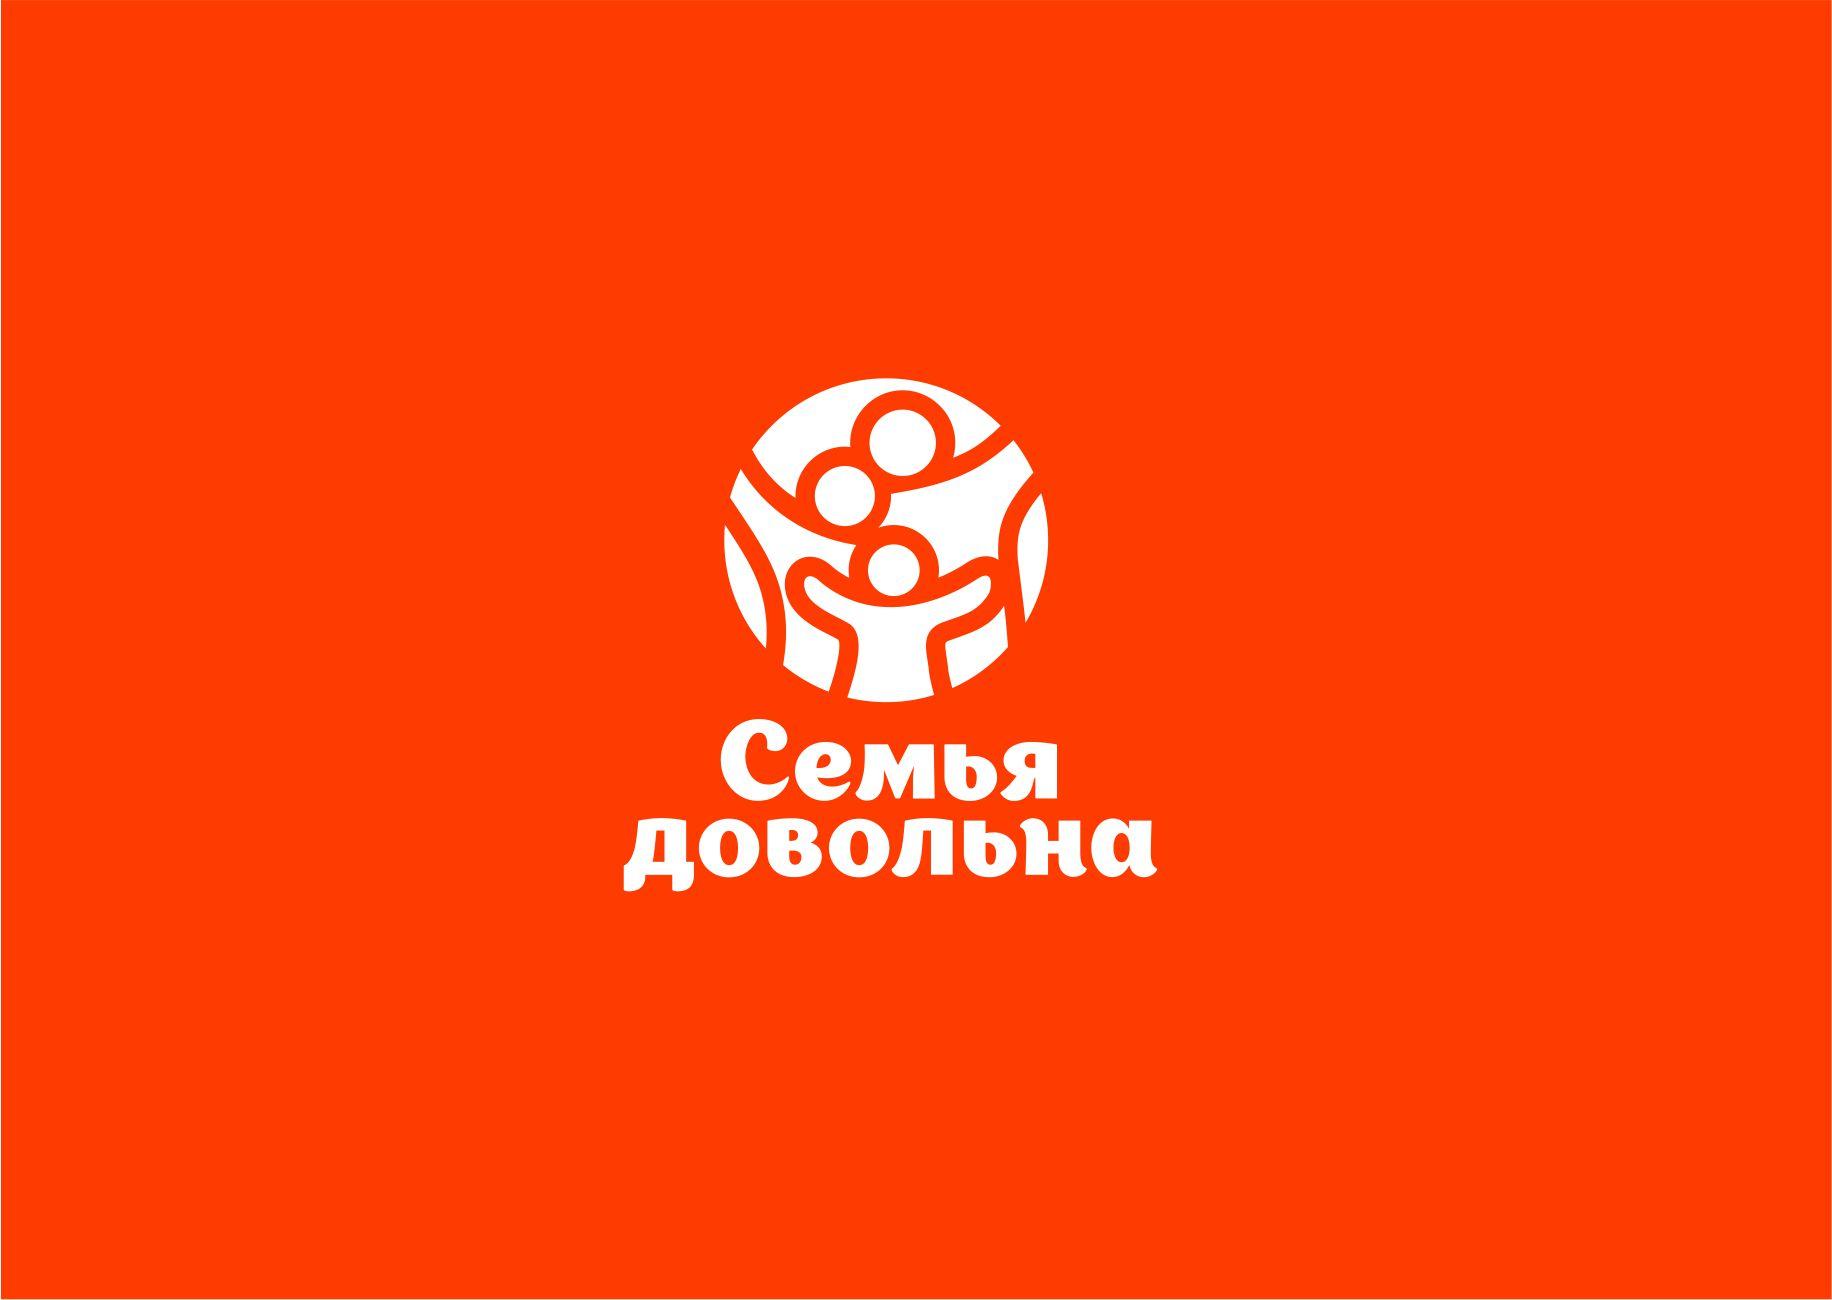 """Разработайте логотип для торговой марки """"Семья довольна"""" фото f_088596900cf4b47d.jpg"""